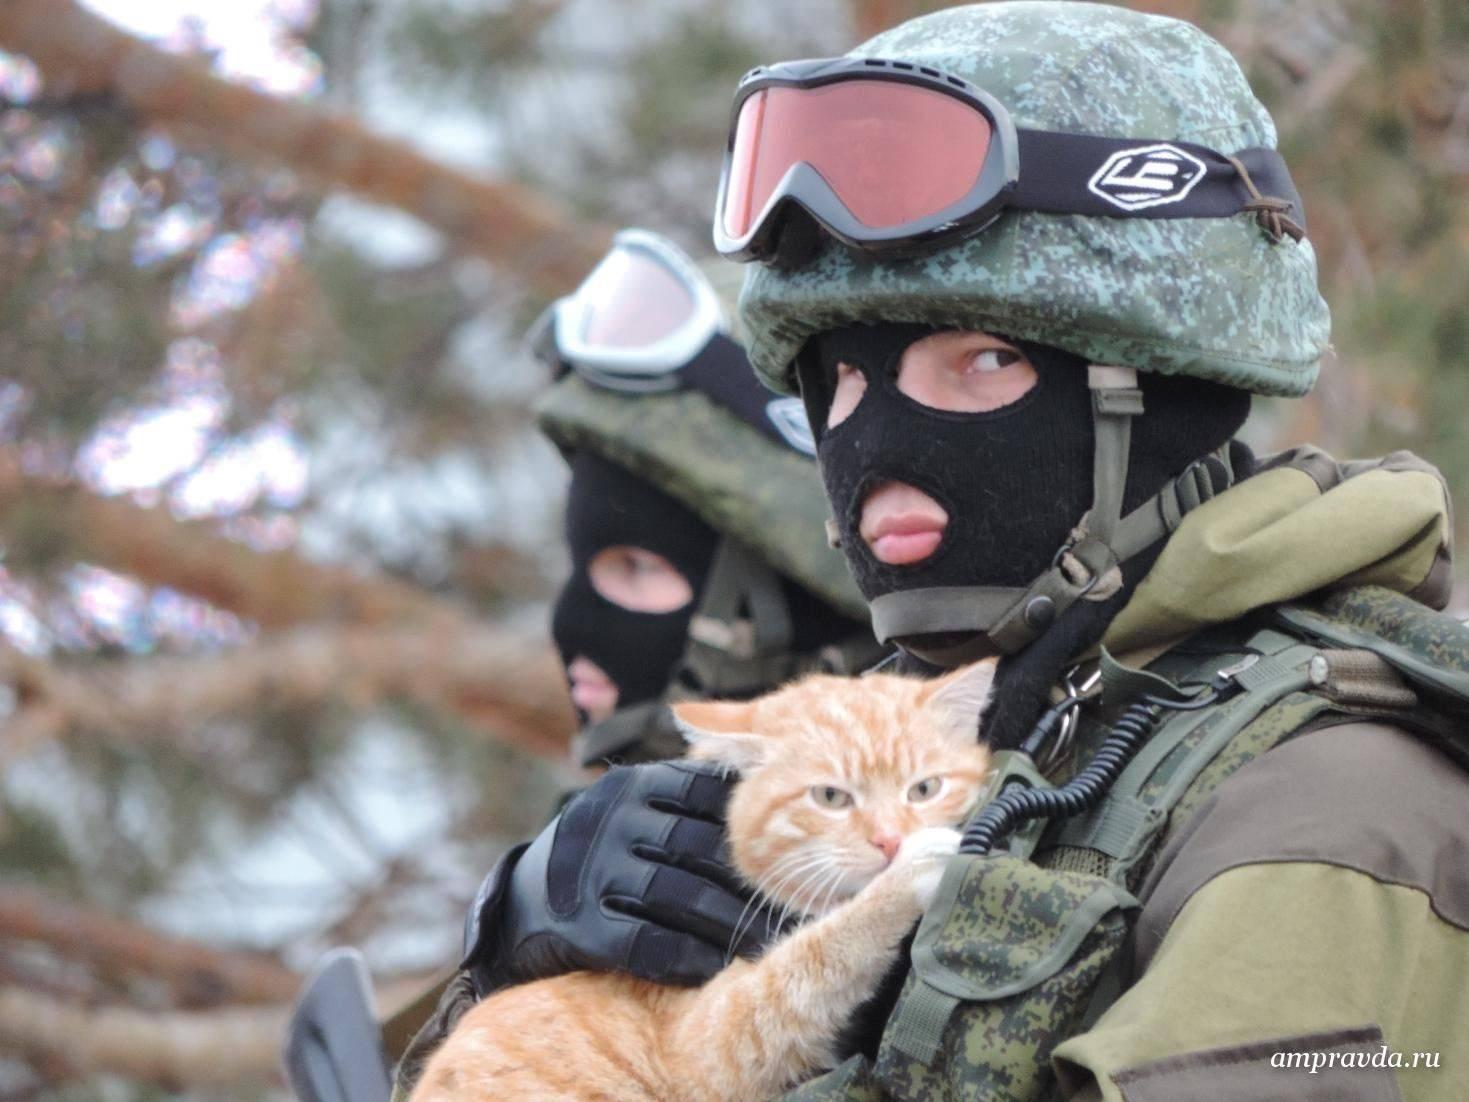 По ситуации с котом, докладываю